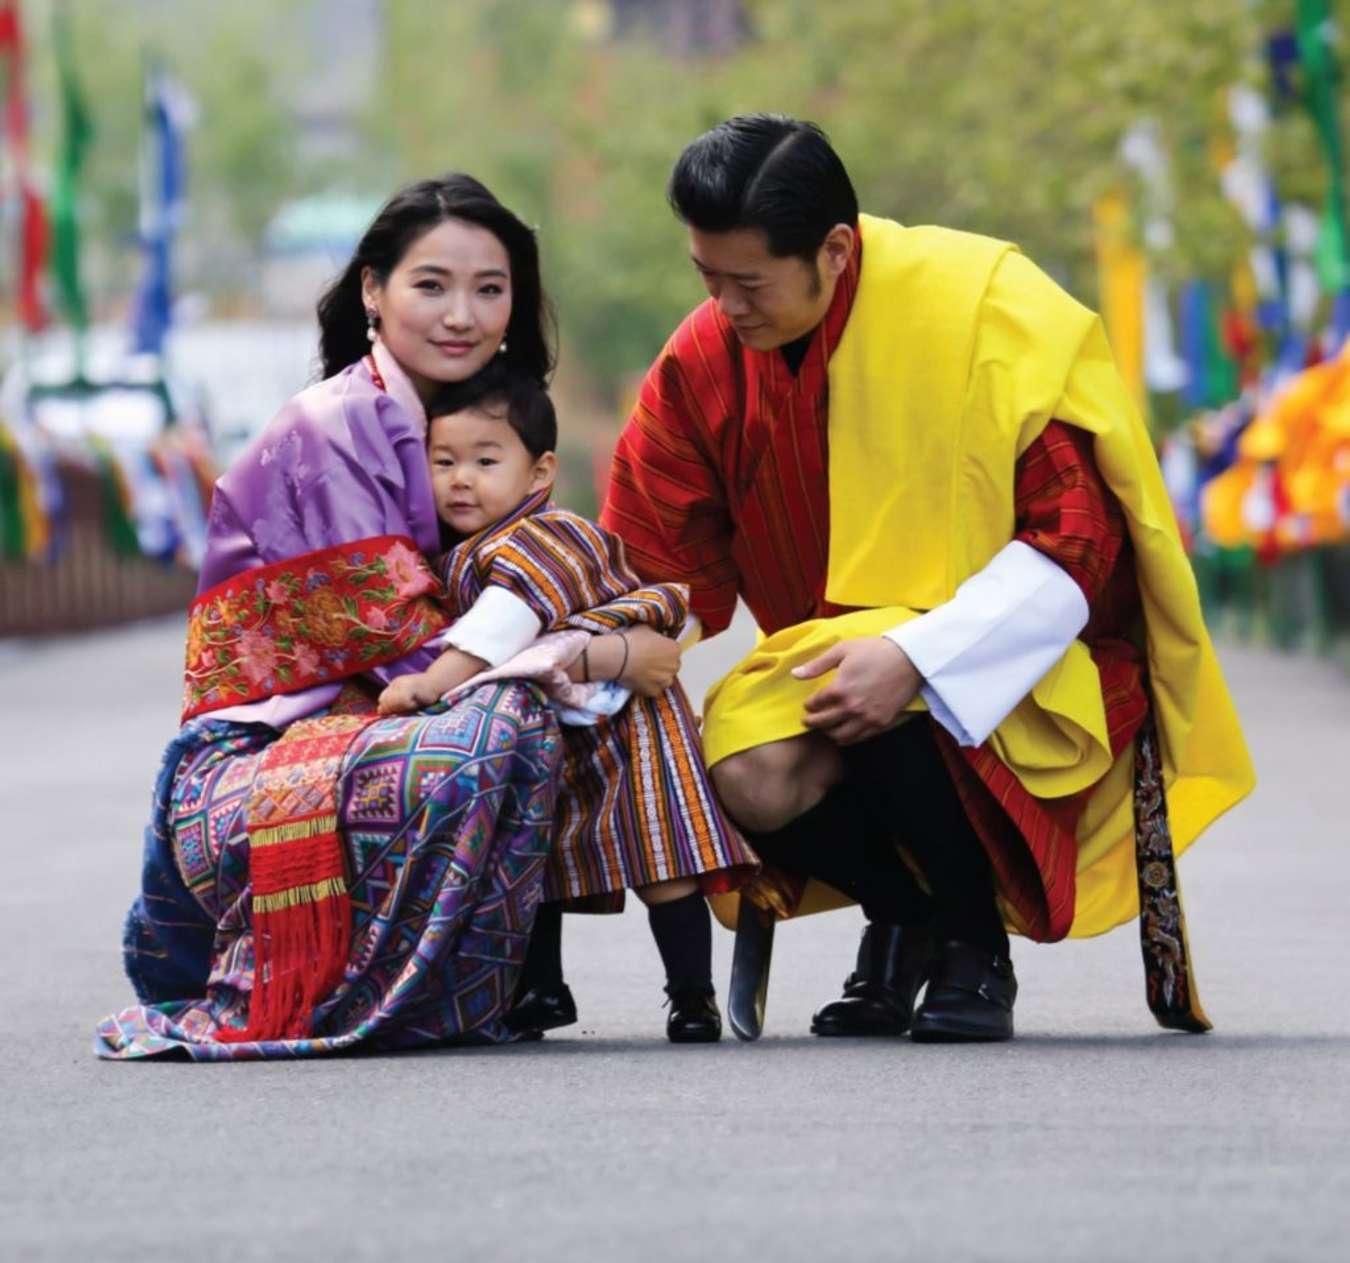 Bhutan-2-1024x958.jpg?tr=dpr-2,w-675